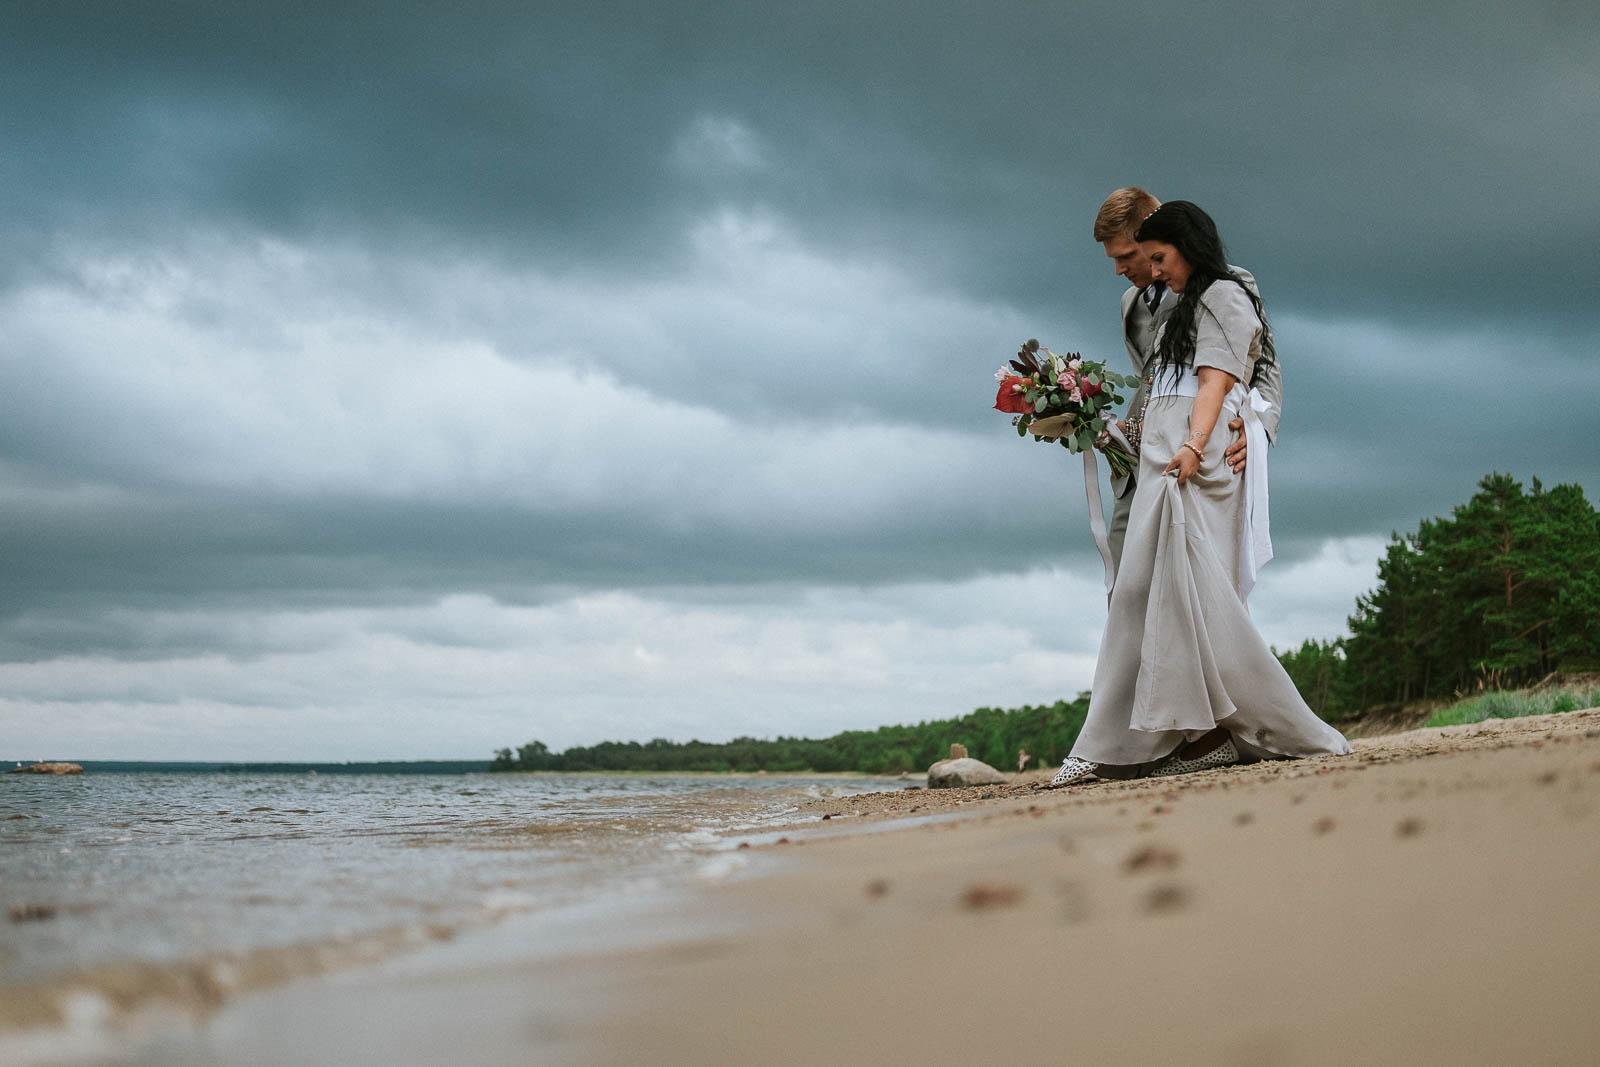 mari-liis-rannes-wedding-pulm-pulmafotograaf-mait-juriado-26